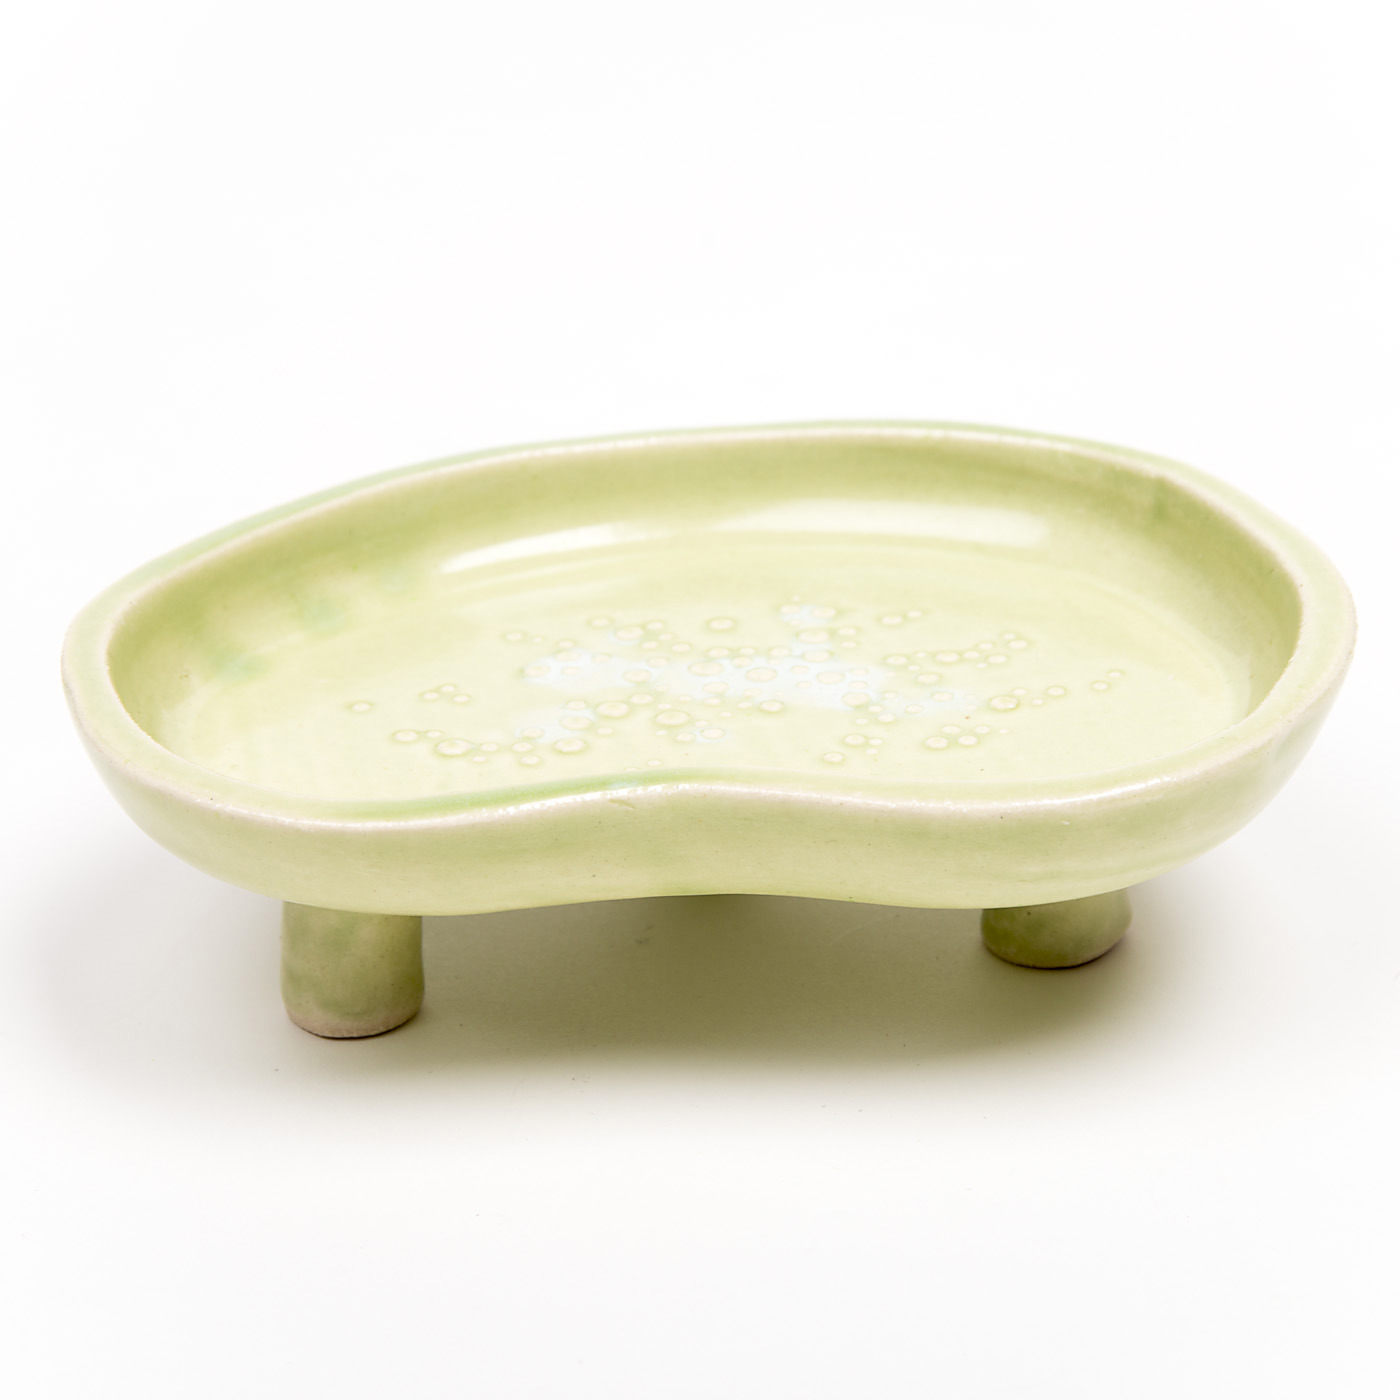 Artisan, Eco-Friendly, Designer Serve Up Platter